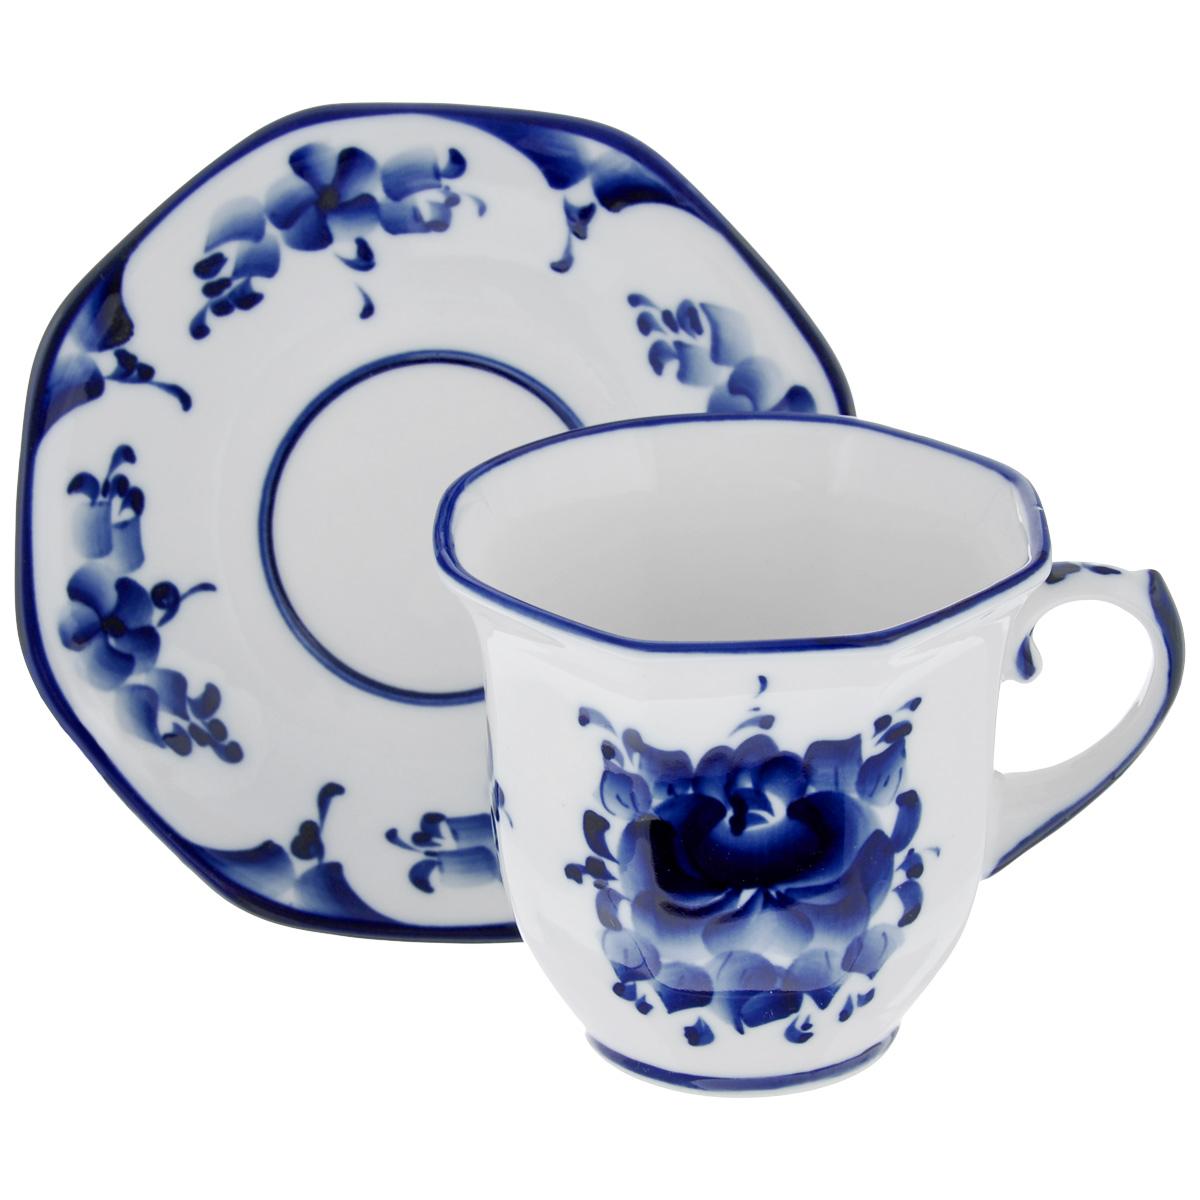 Чайная пара Граненая, цвет: белый, синий, 2 предмета. 993066411993066411Чайная пара Граненая состоит из чашки и блюдца, изготовленных из фарфора белого цвета, и расписаны вручную. Яркий дизайн, несомненно, придется вам по вкусу. Чайная пара Граненая украсит ваш кухонный стол, а также станет замечательным подарком к любому празднику. Не применять абразивные чистящие средства. Не использовать в микроволновой печи. Мыть с применением нейтральных моющих средств. Не рекомендуется использовать в посудомоечных машинах. Объем чашки: 300 мл. Диаметр чашки по верхнему краю: 10 см. Диаметр основания: 5 см. Высота чашки: 8,5 см. Диаметр блюдца: 15 см.